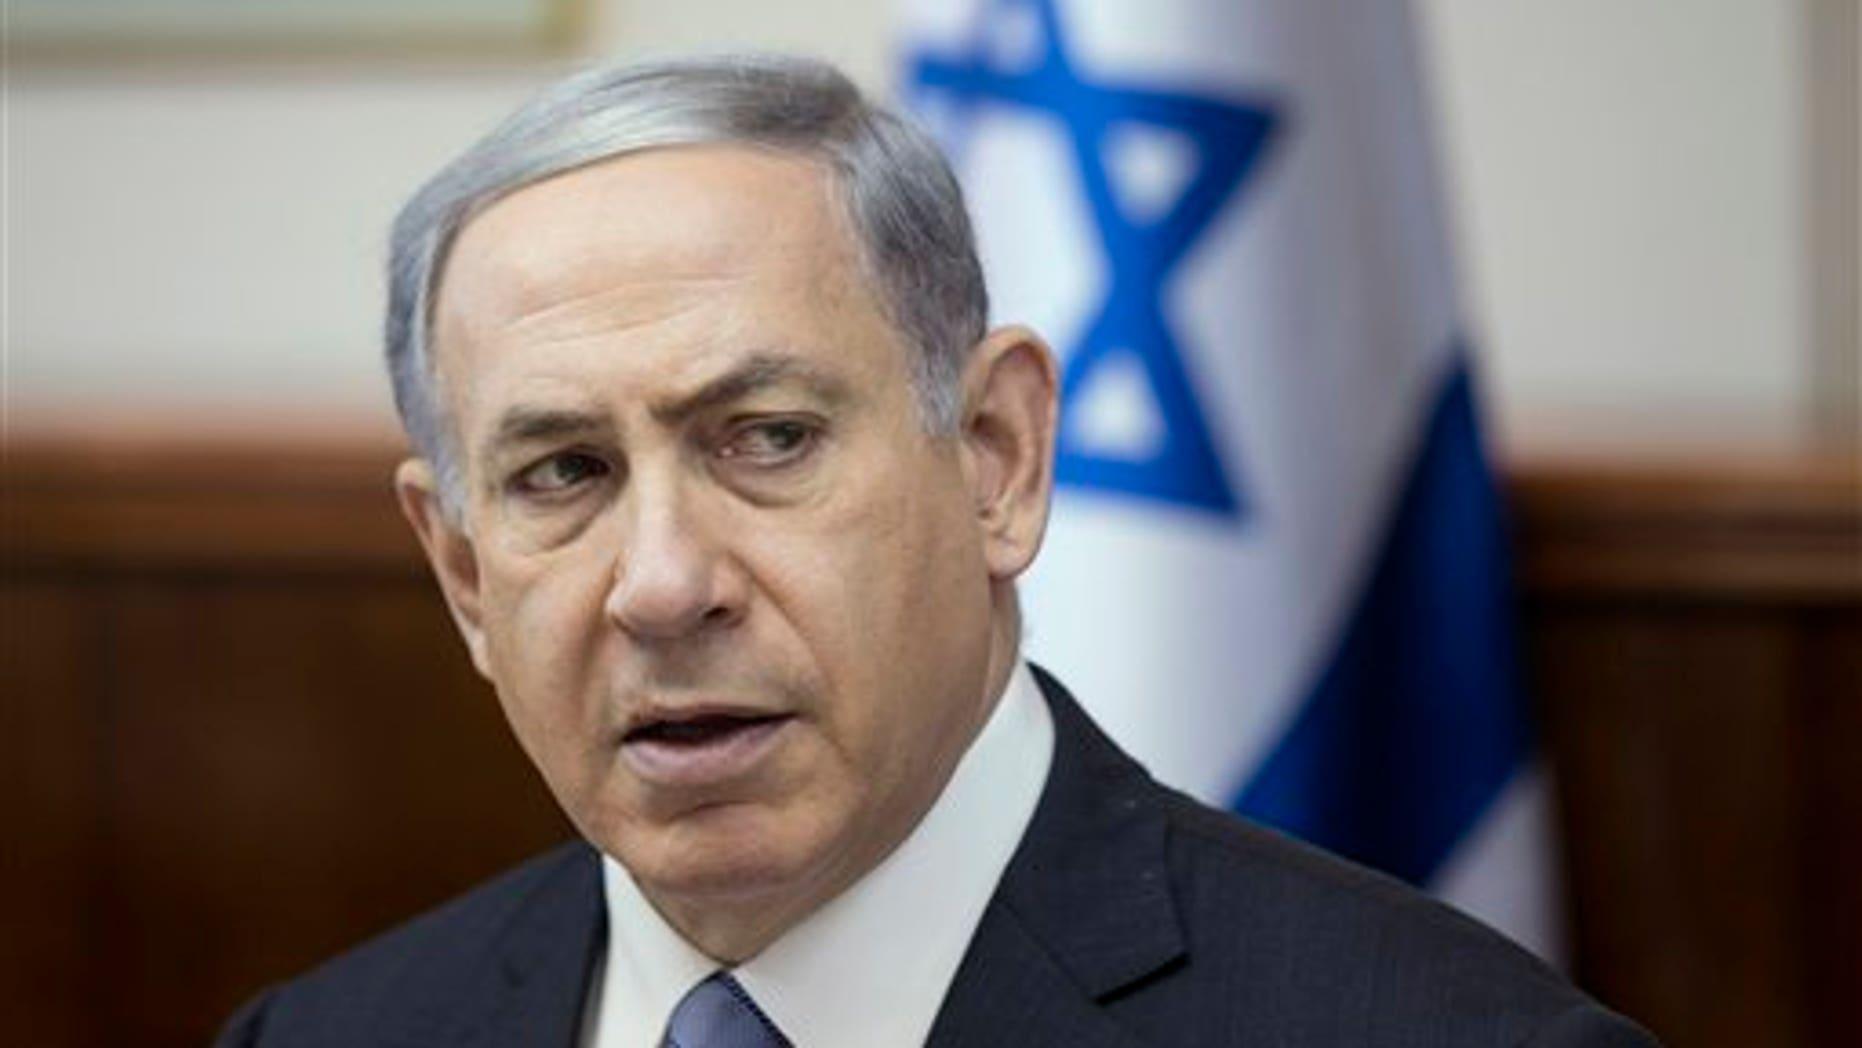 Israel's Prime Minister Benjamin Netanyahu speaks during the weekly cabinet meeting in Jerusalem, Sunday, July 5, 2015. (Baz Ratner/Pool Photo via AP)